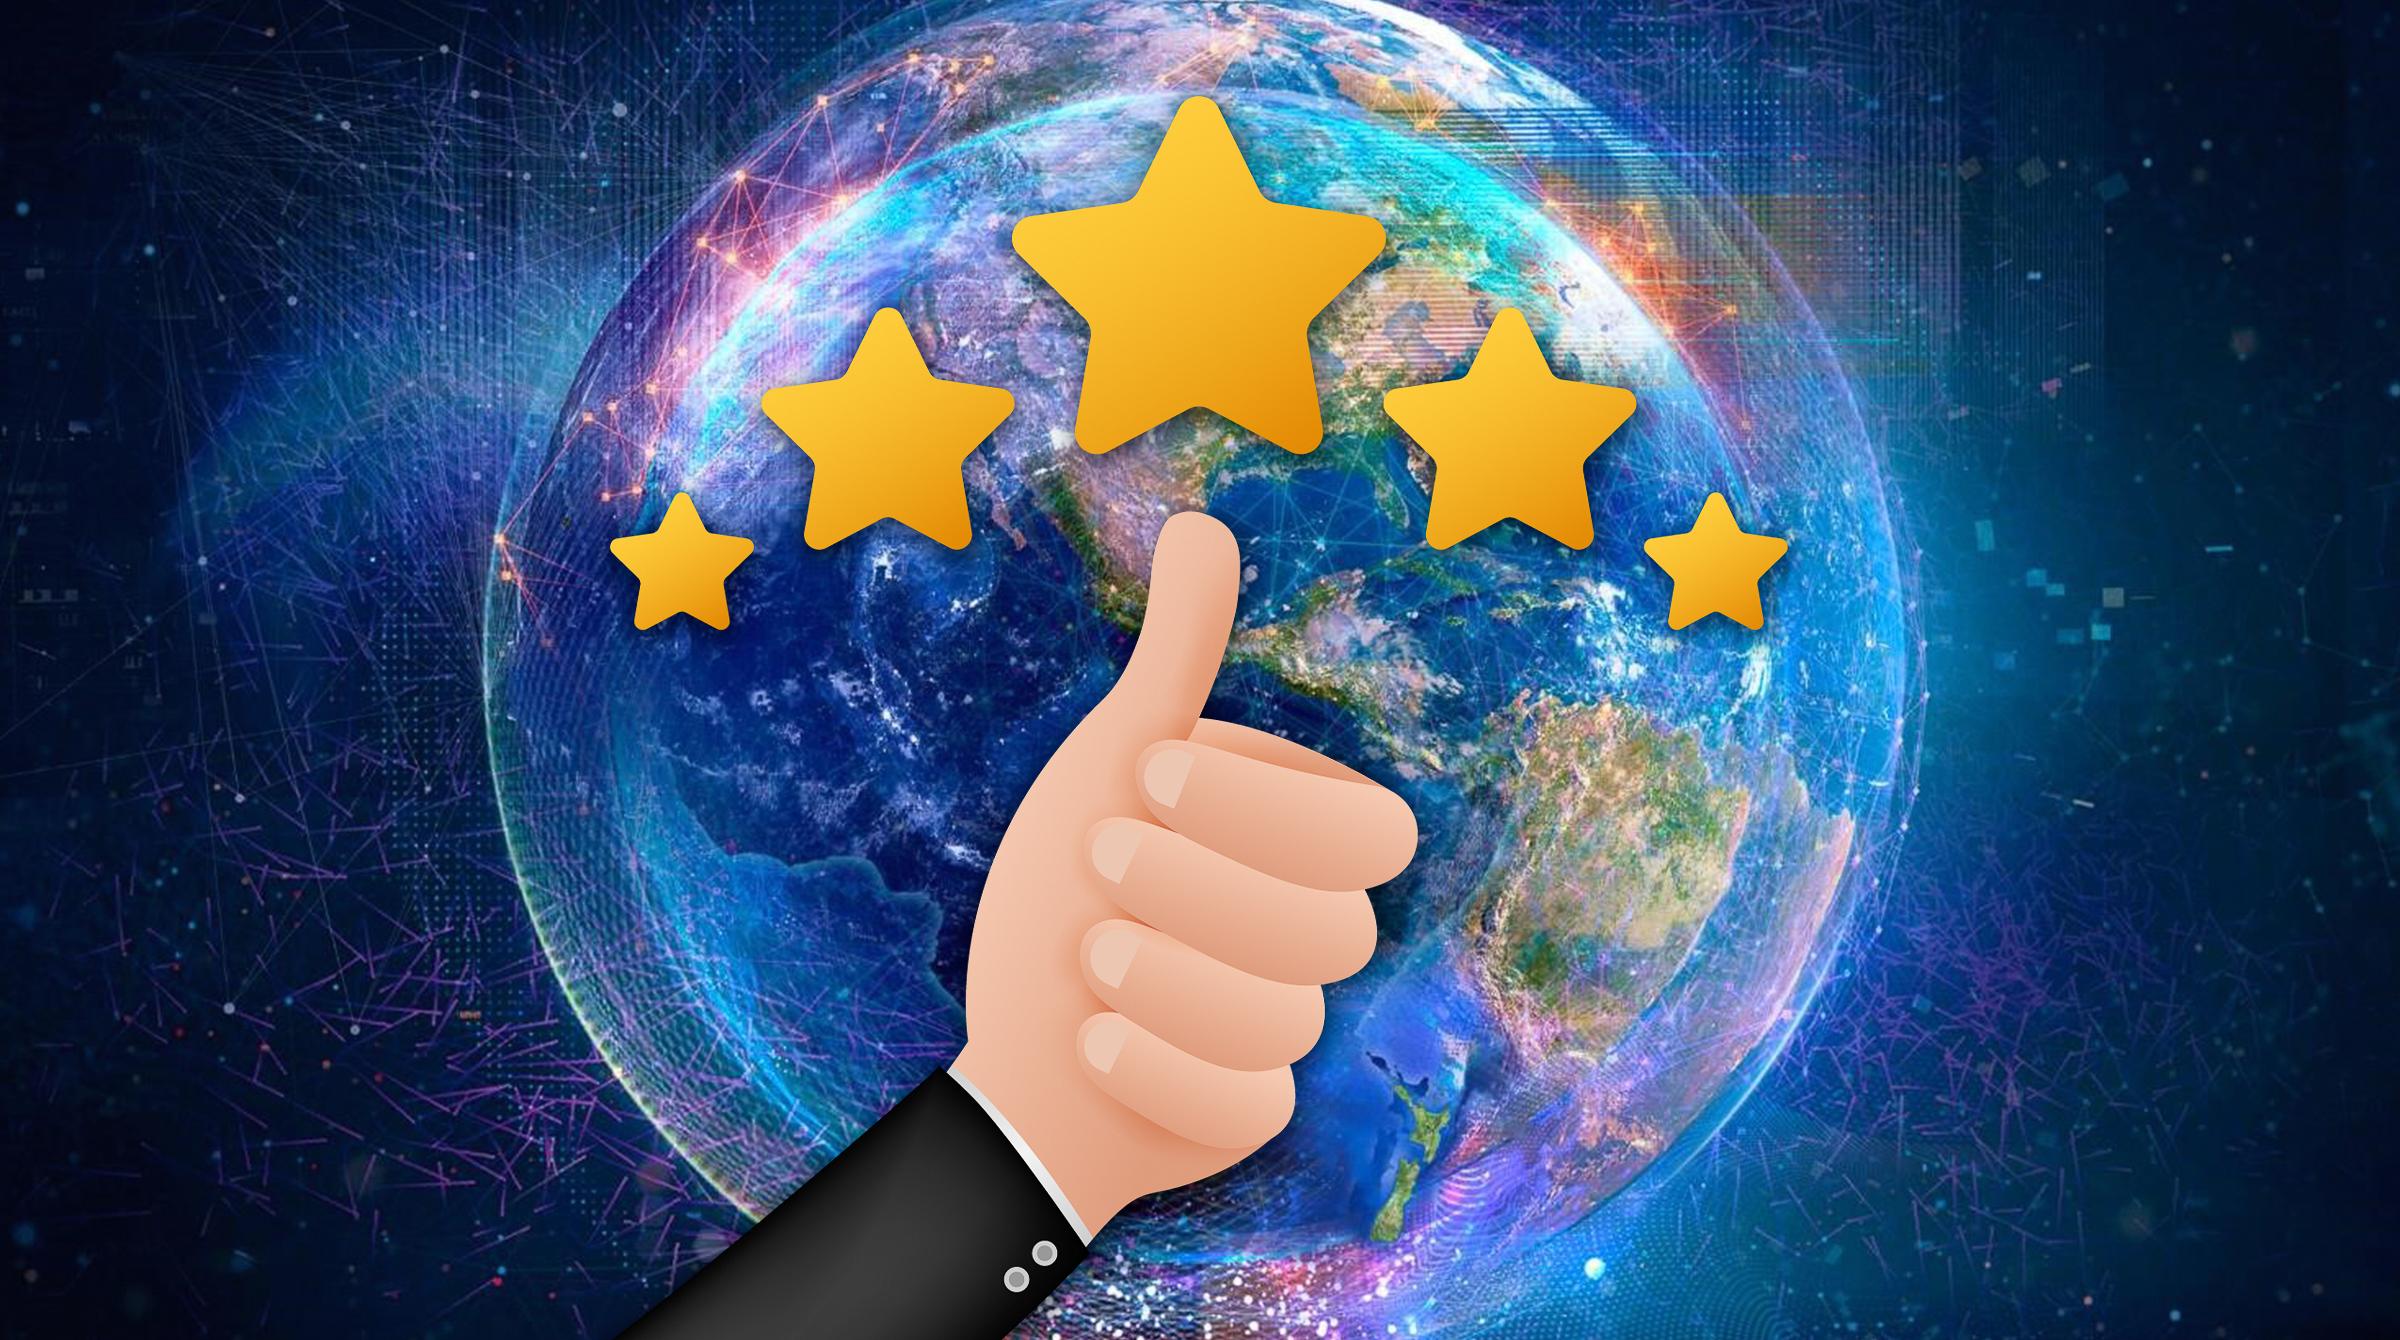 ArcGIS topplista topp 5